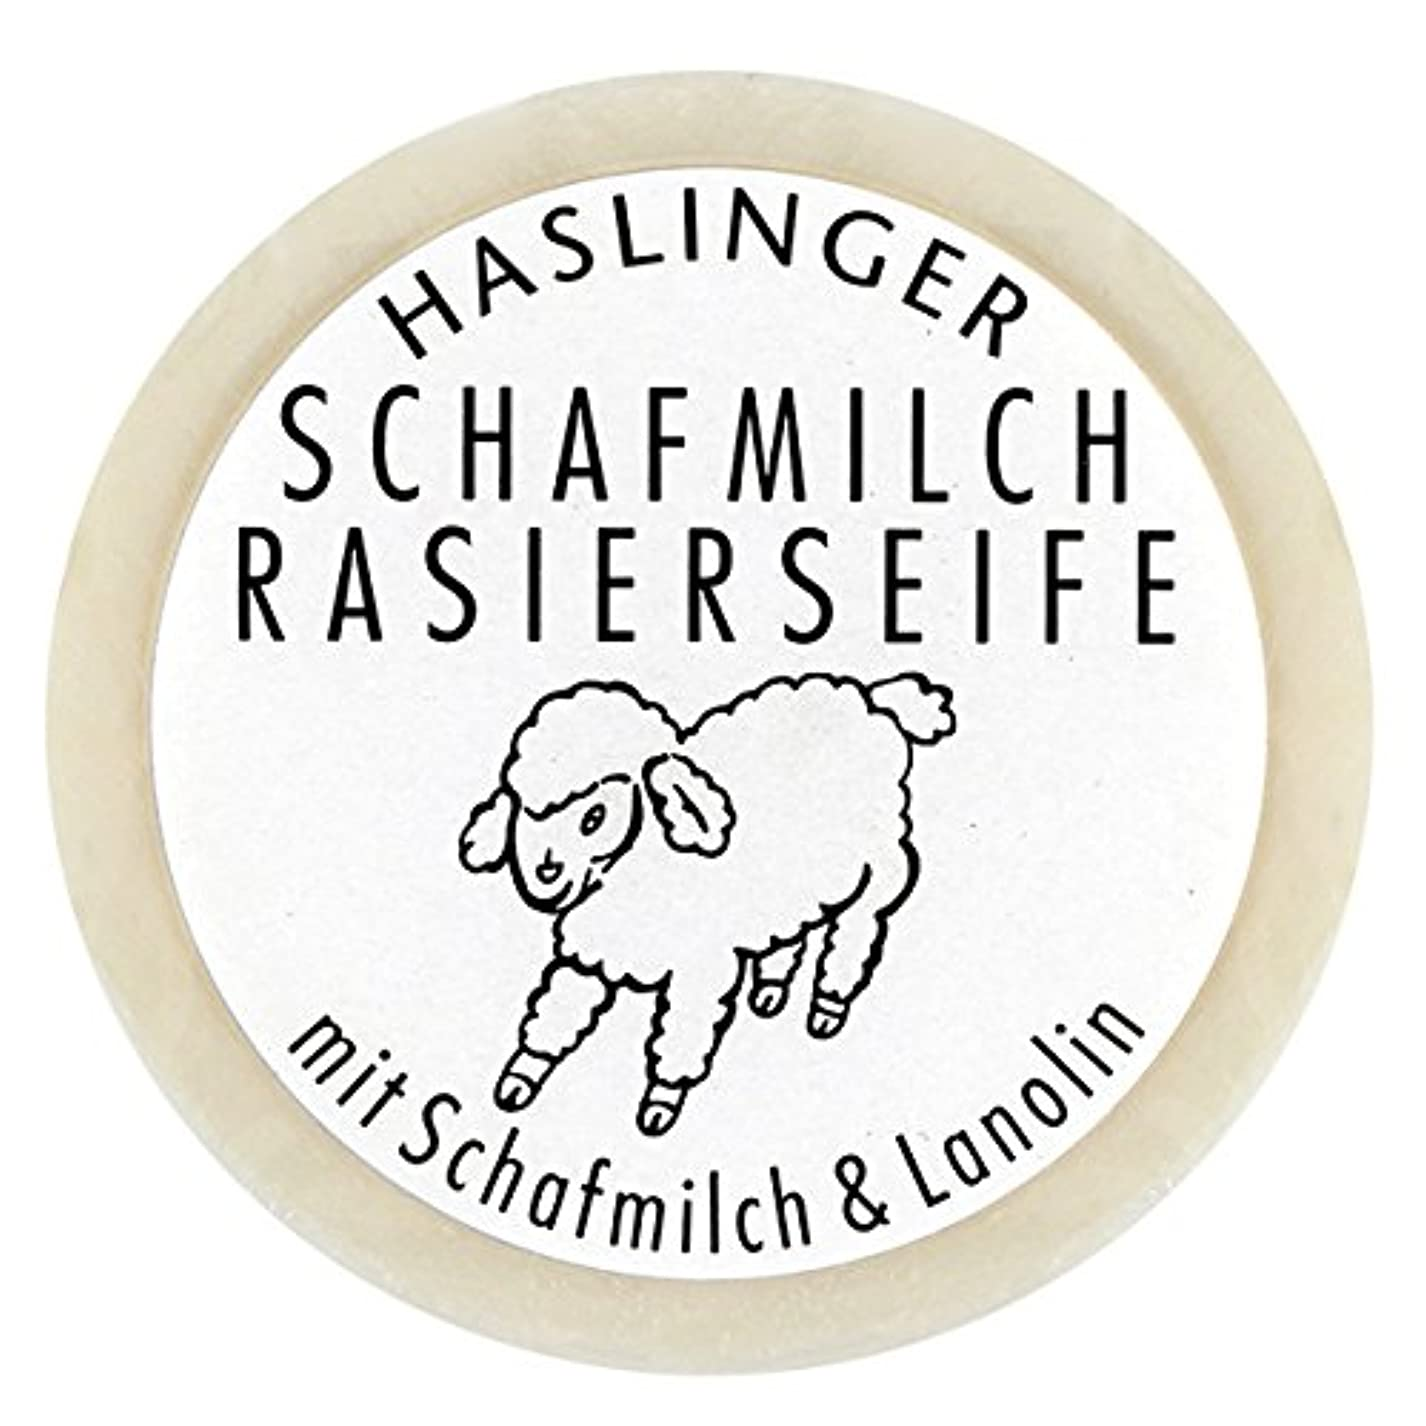 ありがたい翻訳者ボイドSchafmilch Rasierseife (Ewe`s Milk Shave Soap) 60g soap bar by Haslinger by Haslinger